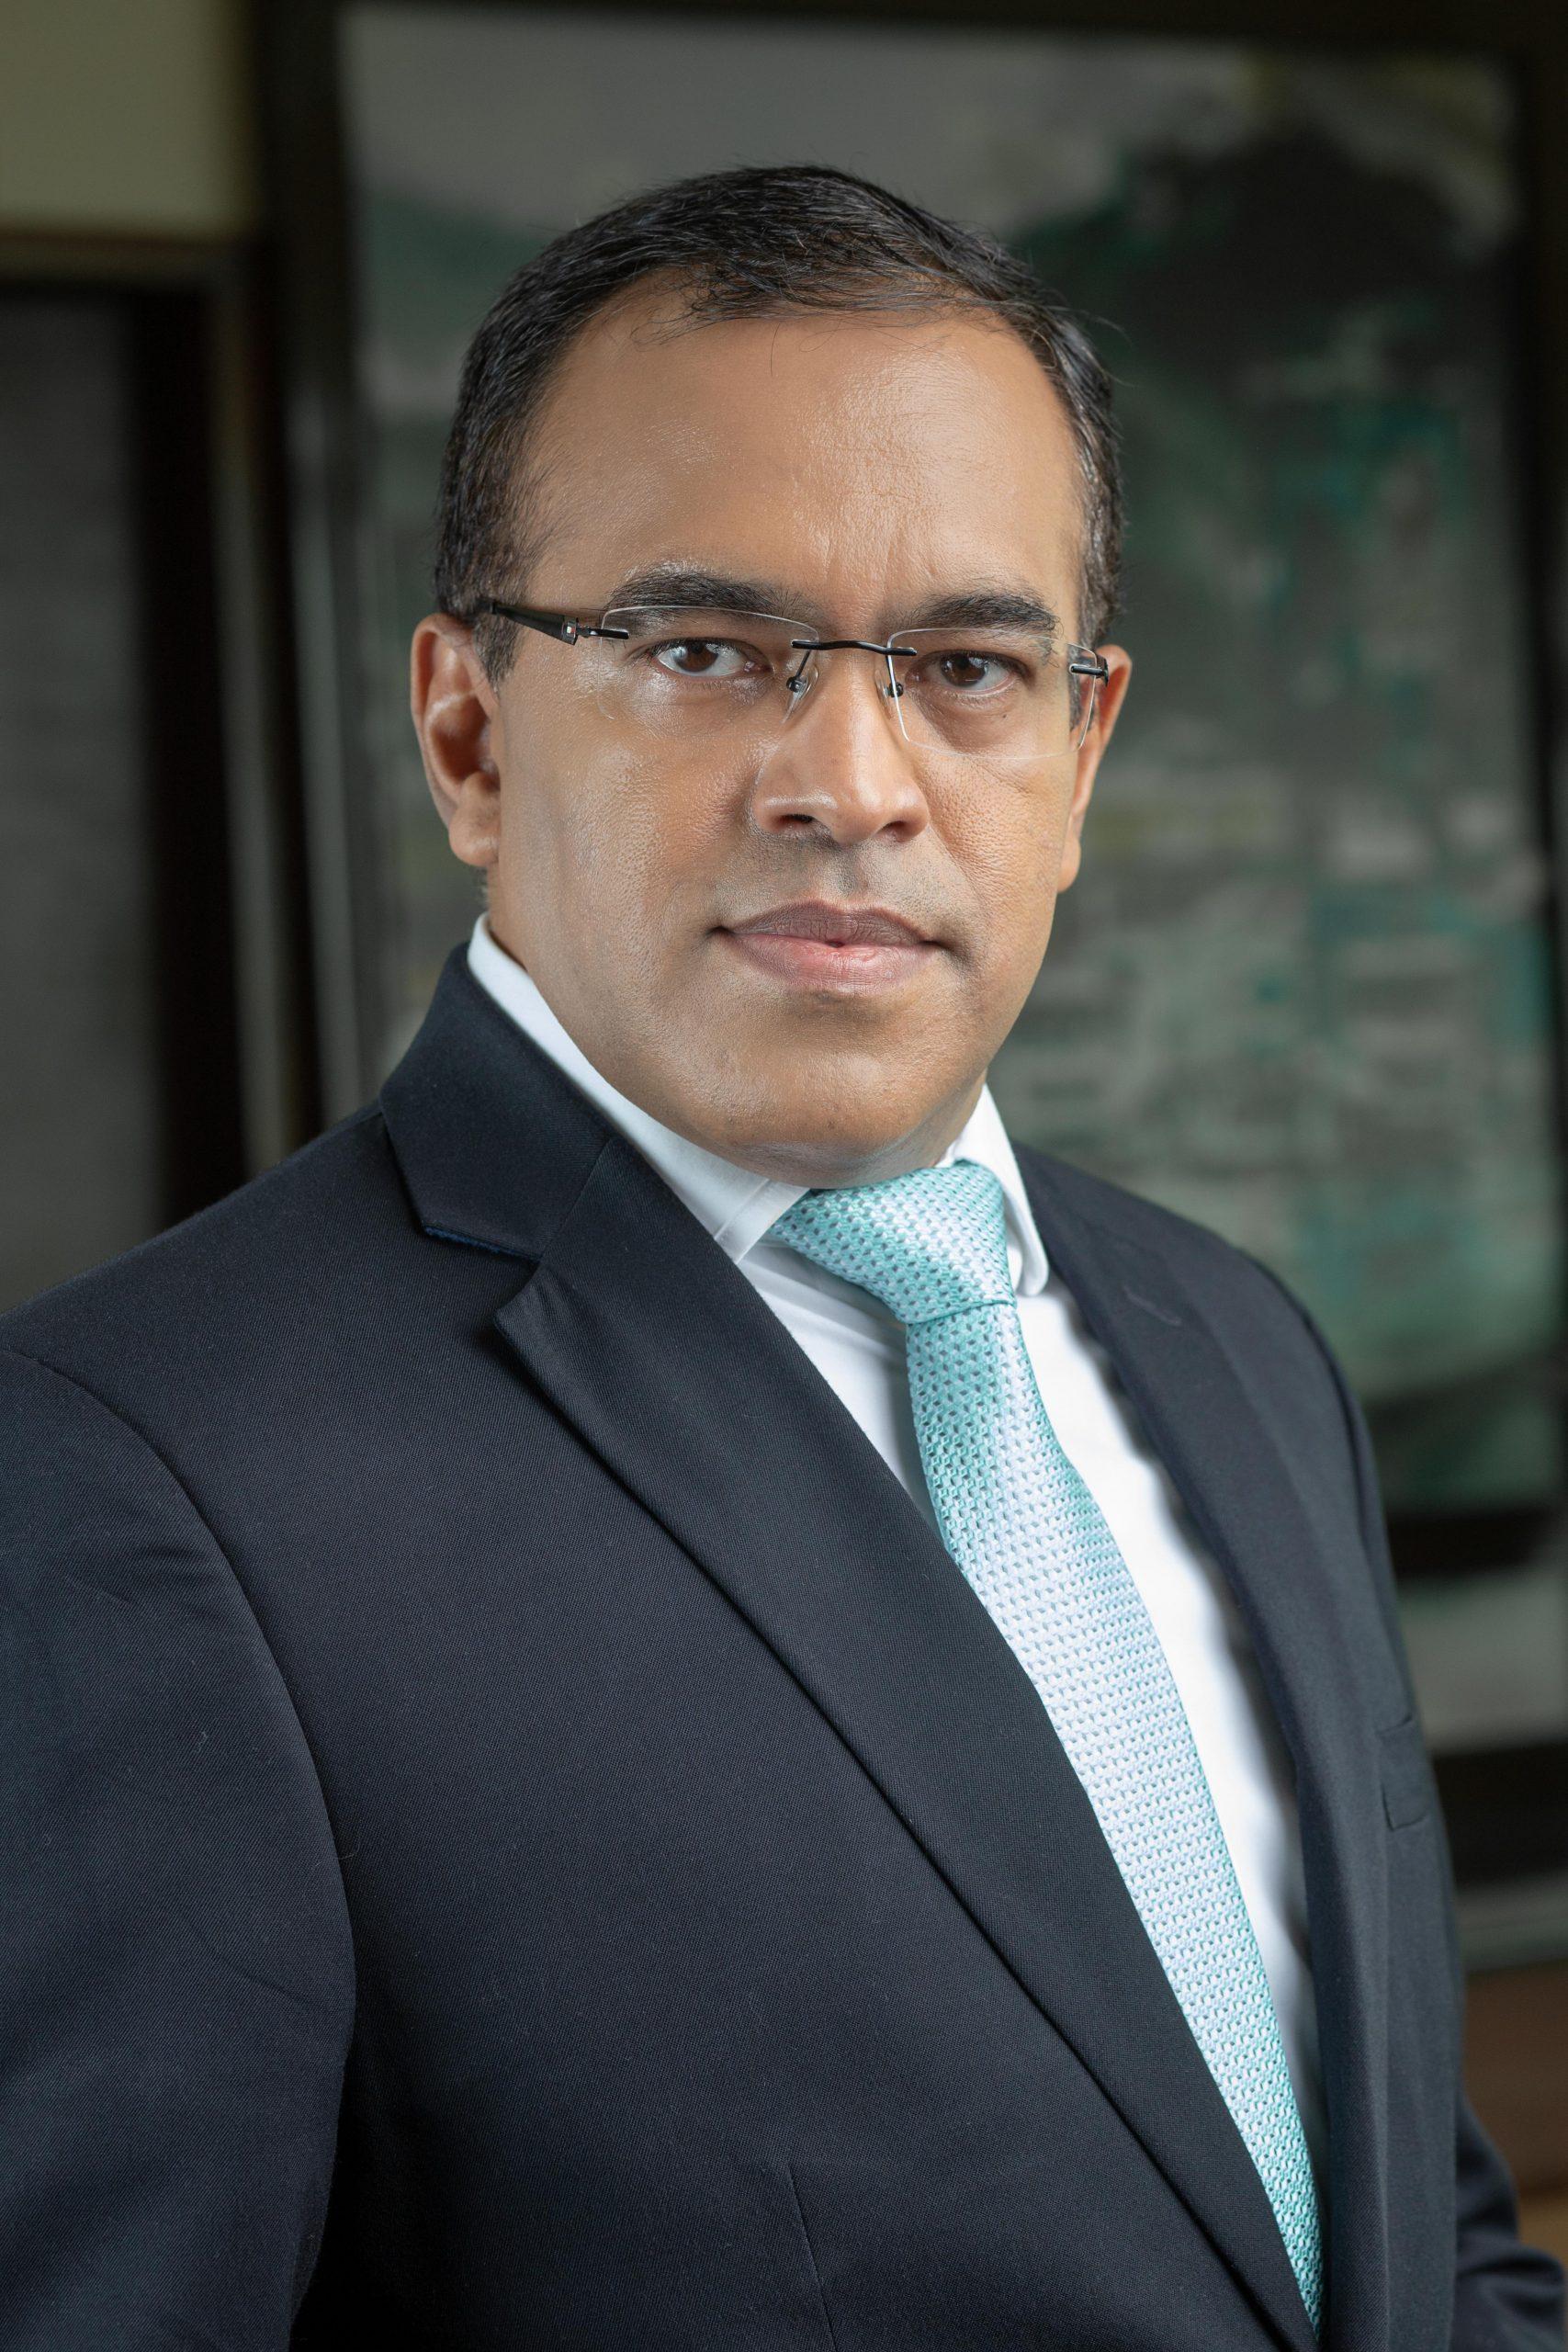 Safaricom CFO Sateesh Kamath appointed Vodafone Business CFO